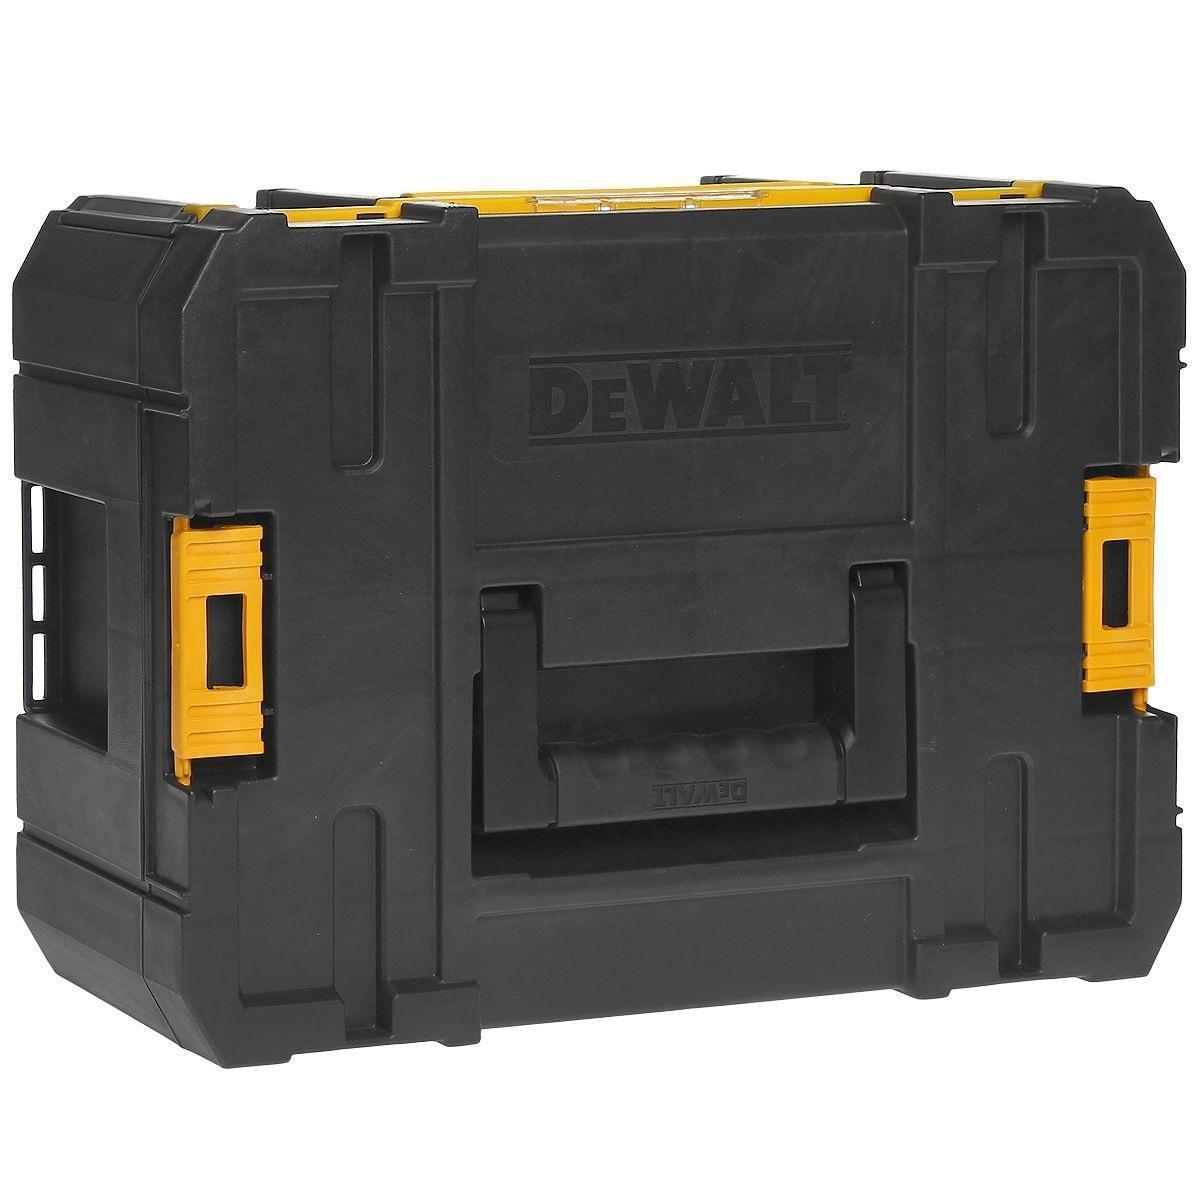 """Ящик для инструмента DeWalt """"TSTAK III"""", глубокий, с шестью контейнерами"""